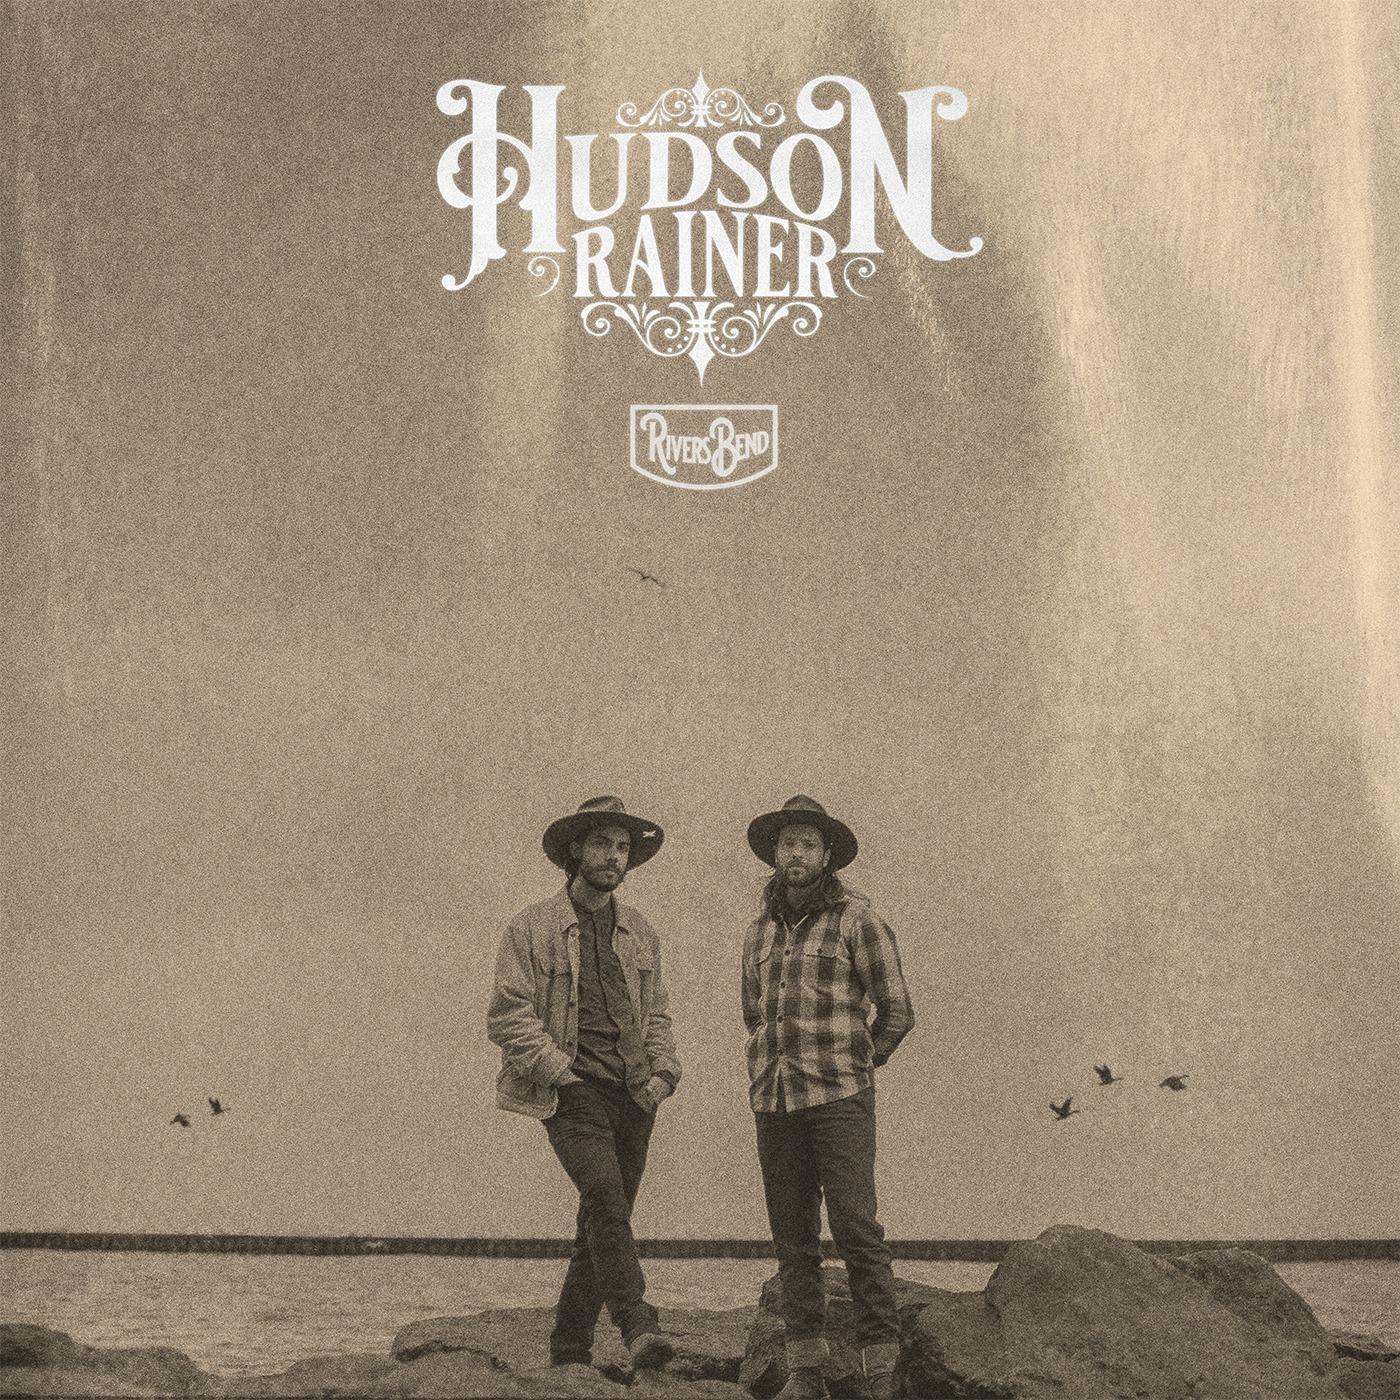 Hudson Rainer